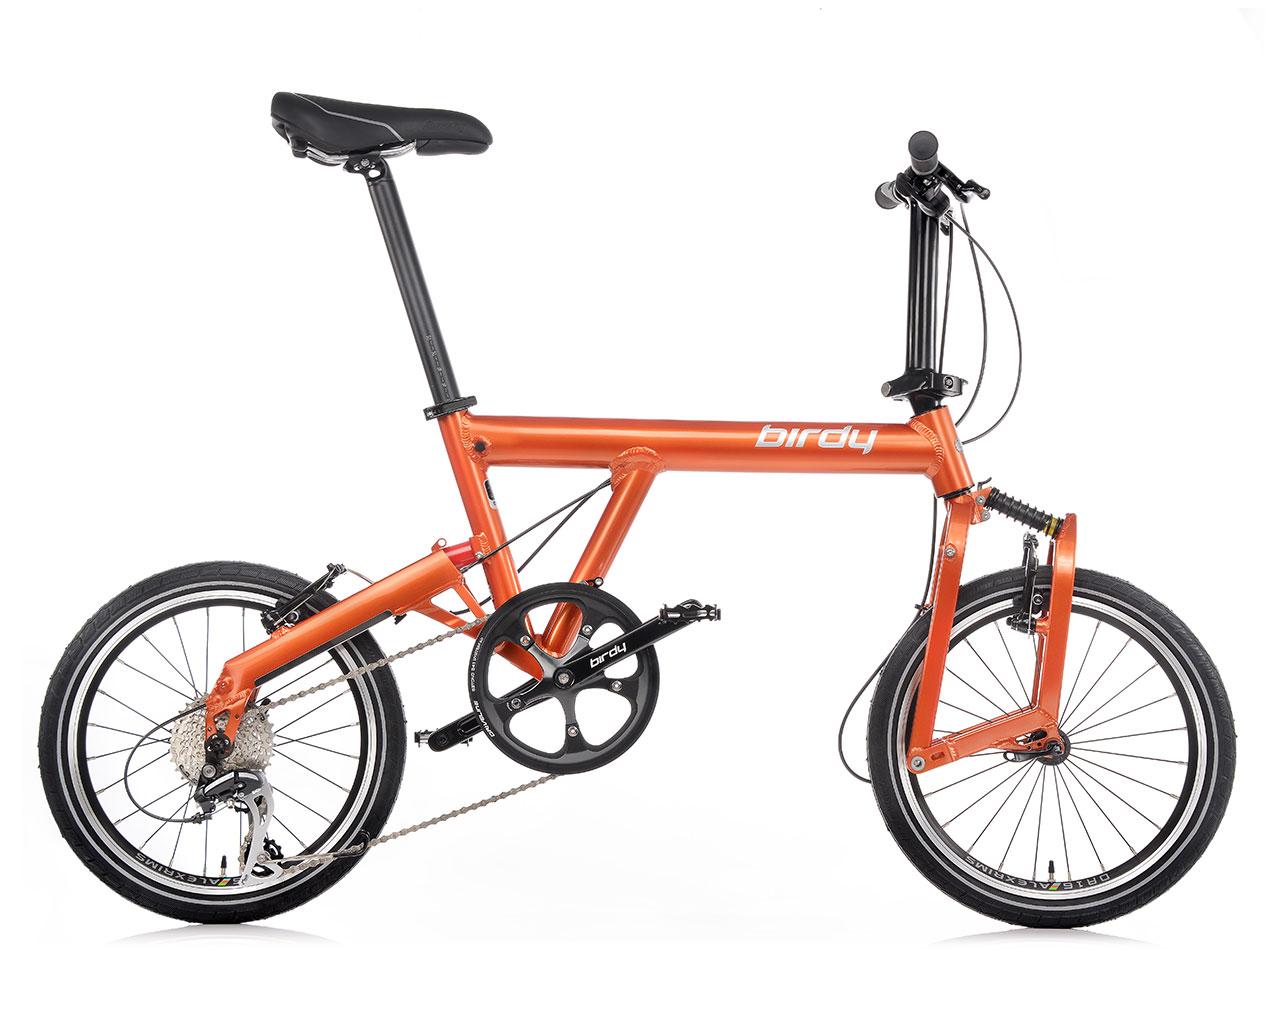 H6L Orange/noir modèle 2020 - Page 2 ProductImage&n=EC_P000284